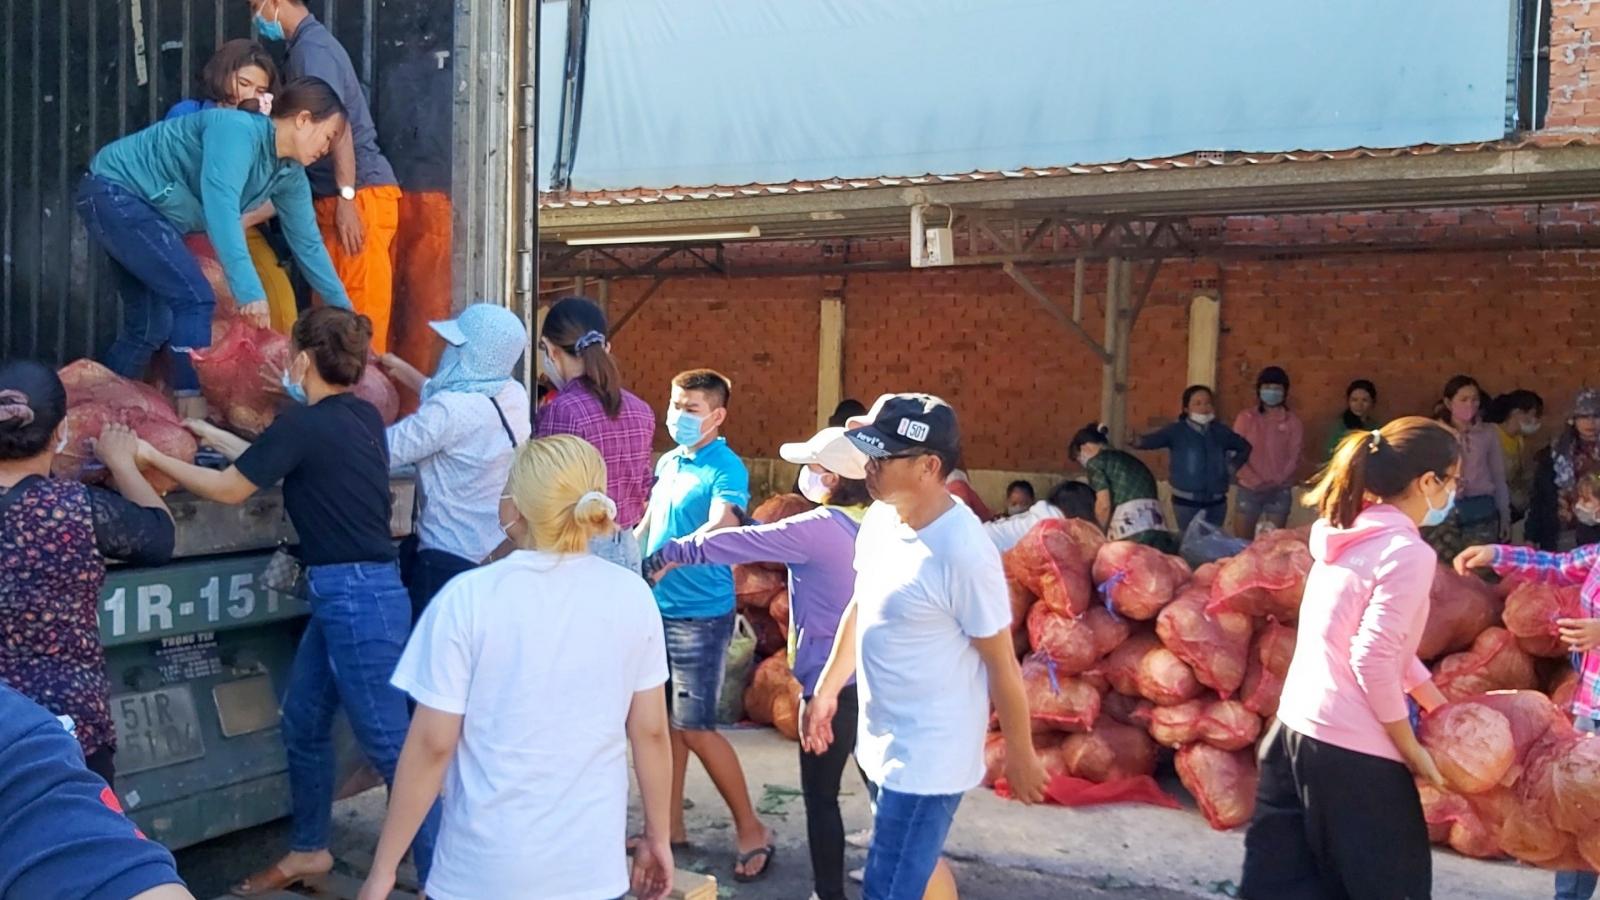 """Bà Rịa - Vũng Tàu """"giải cứu"""" gần 60 tấn nông sản giúp nông dân Hải Dương"""